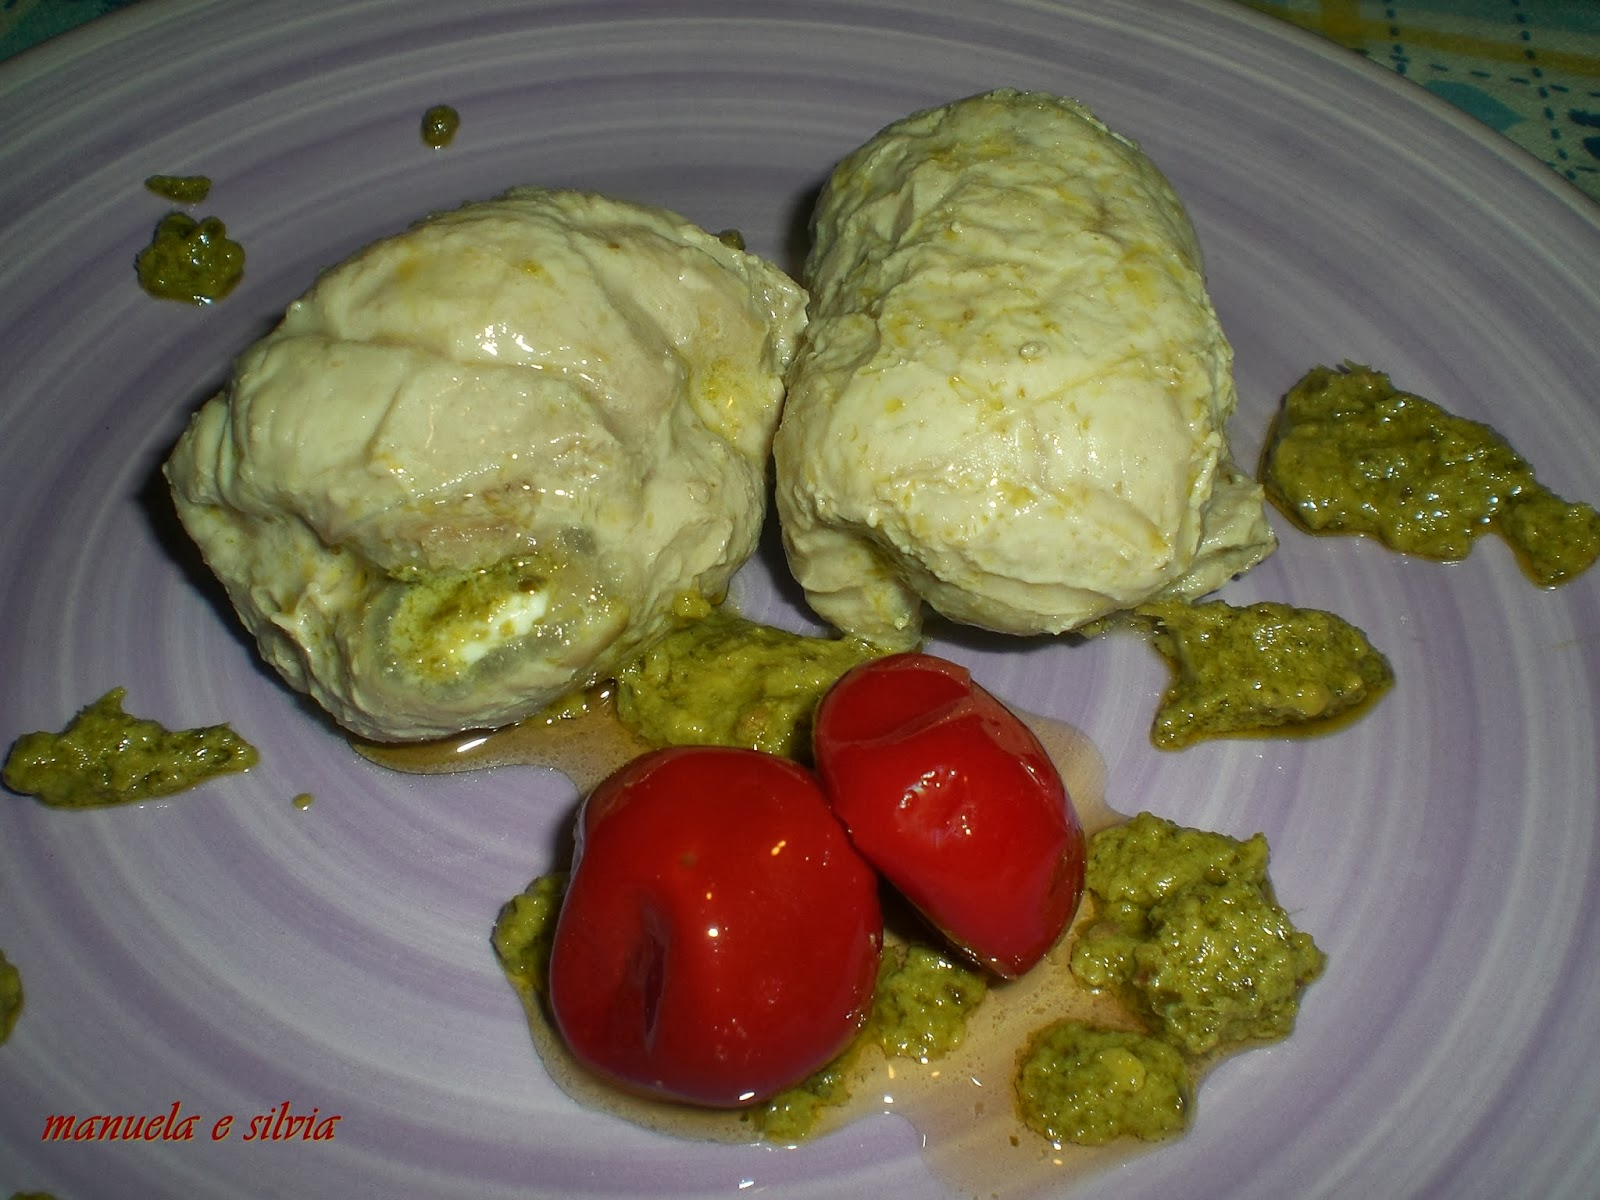 involtini di lonza ripieni ai pomodorini piccanti su pesto di pistacchi